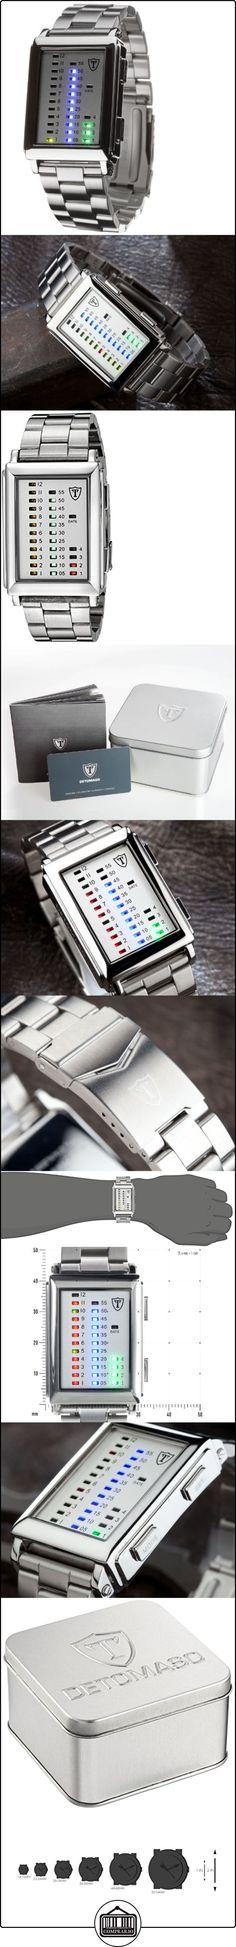 Detomaso Spacy Timeline 1 - Reloj de cuarzo para hombres, con correa de acero inoxidable de color plateado, esfera plateada  ✿ Relojes para hombre - (Gama media/alta) ✿